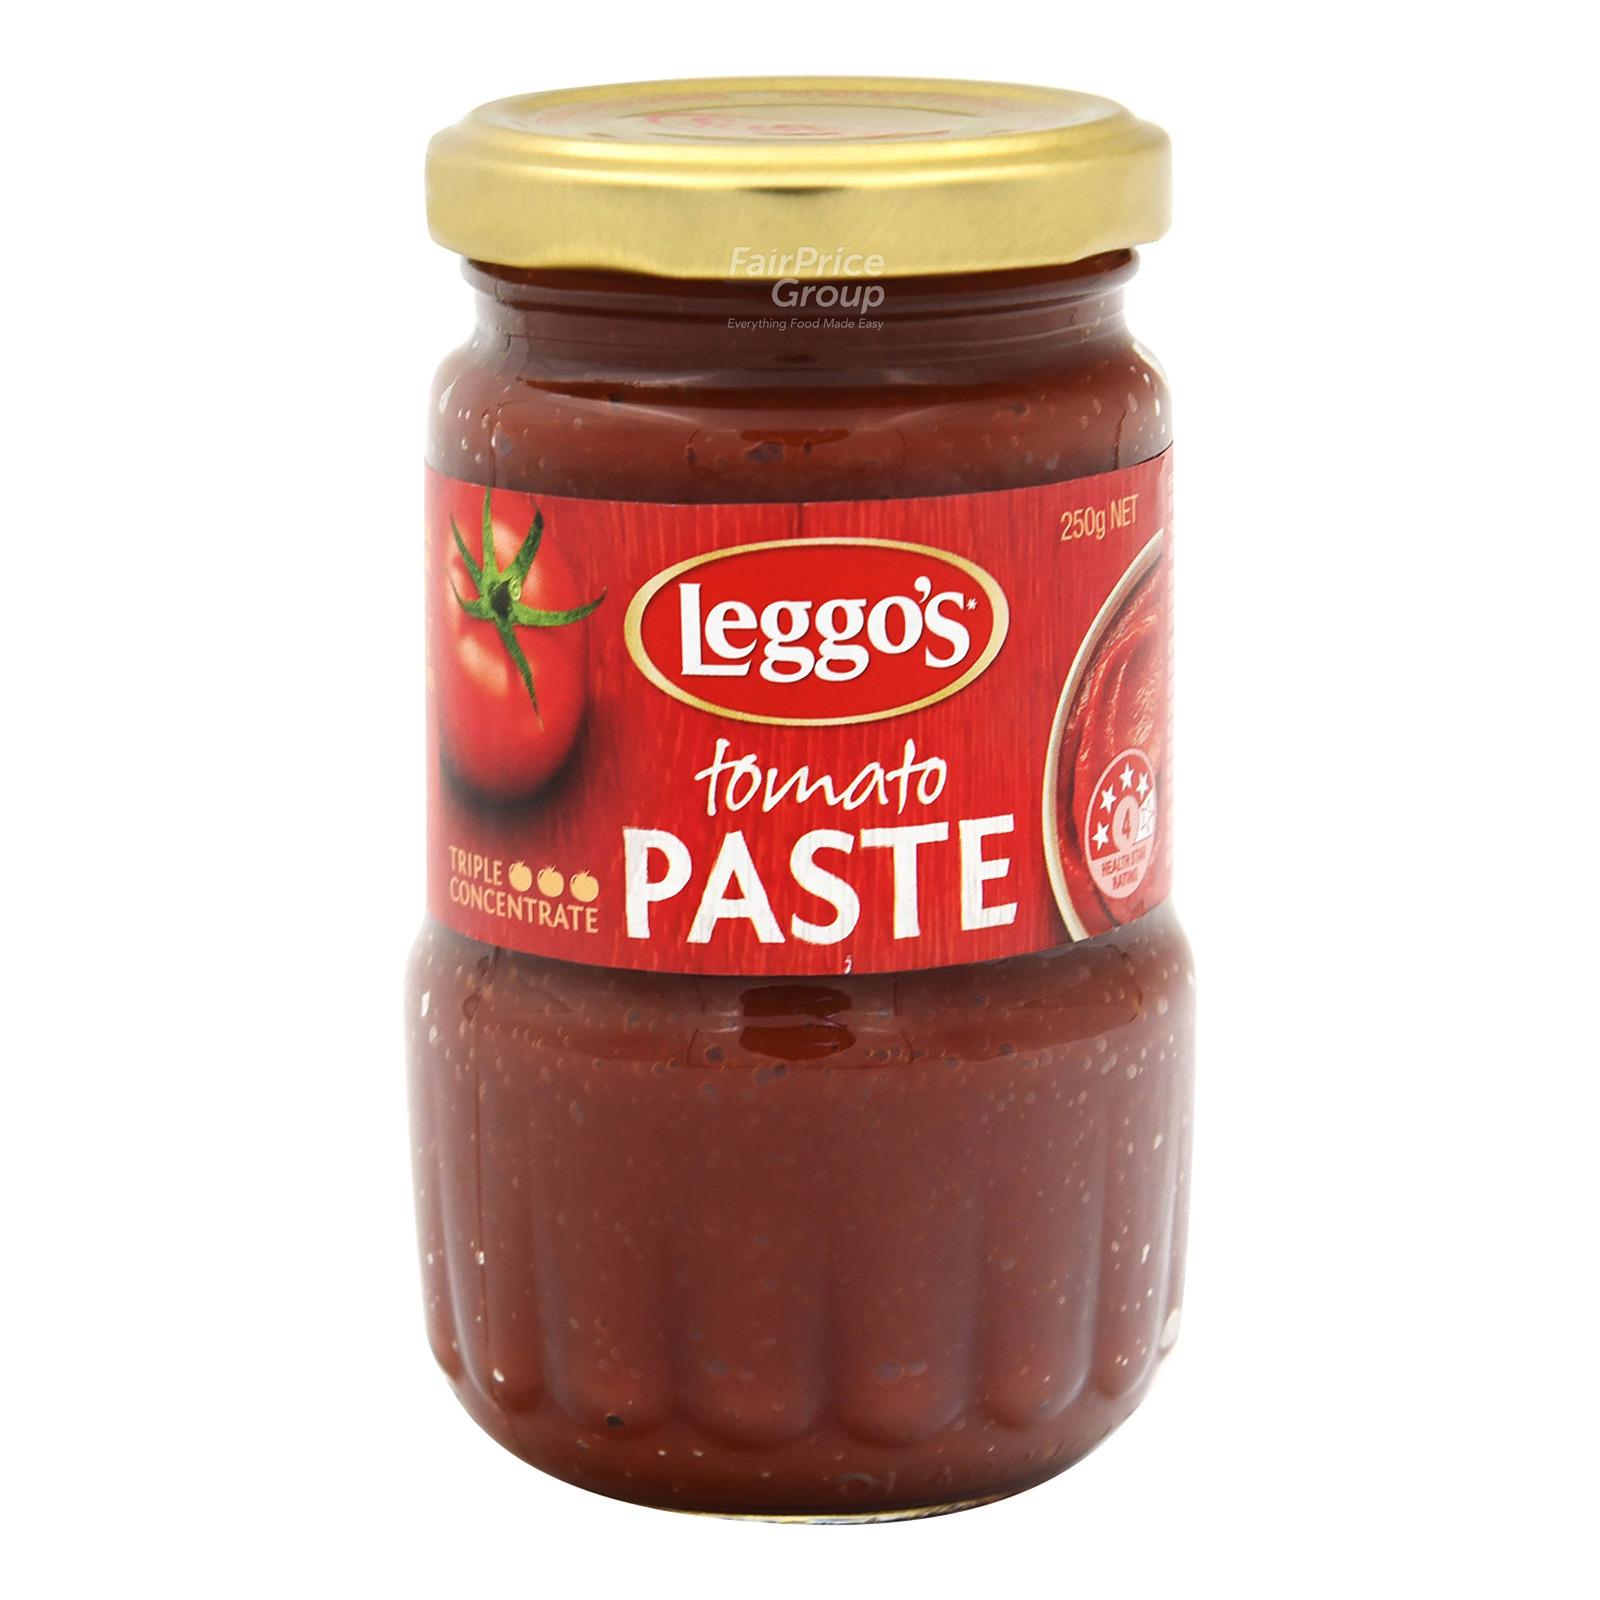 Leggo's Pasta Paste - Tomato